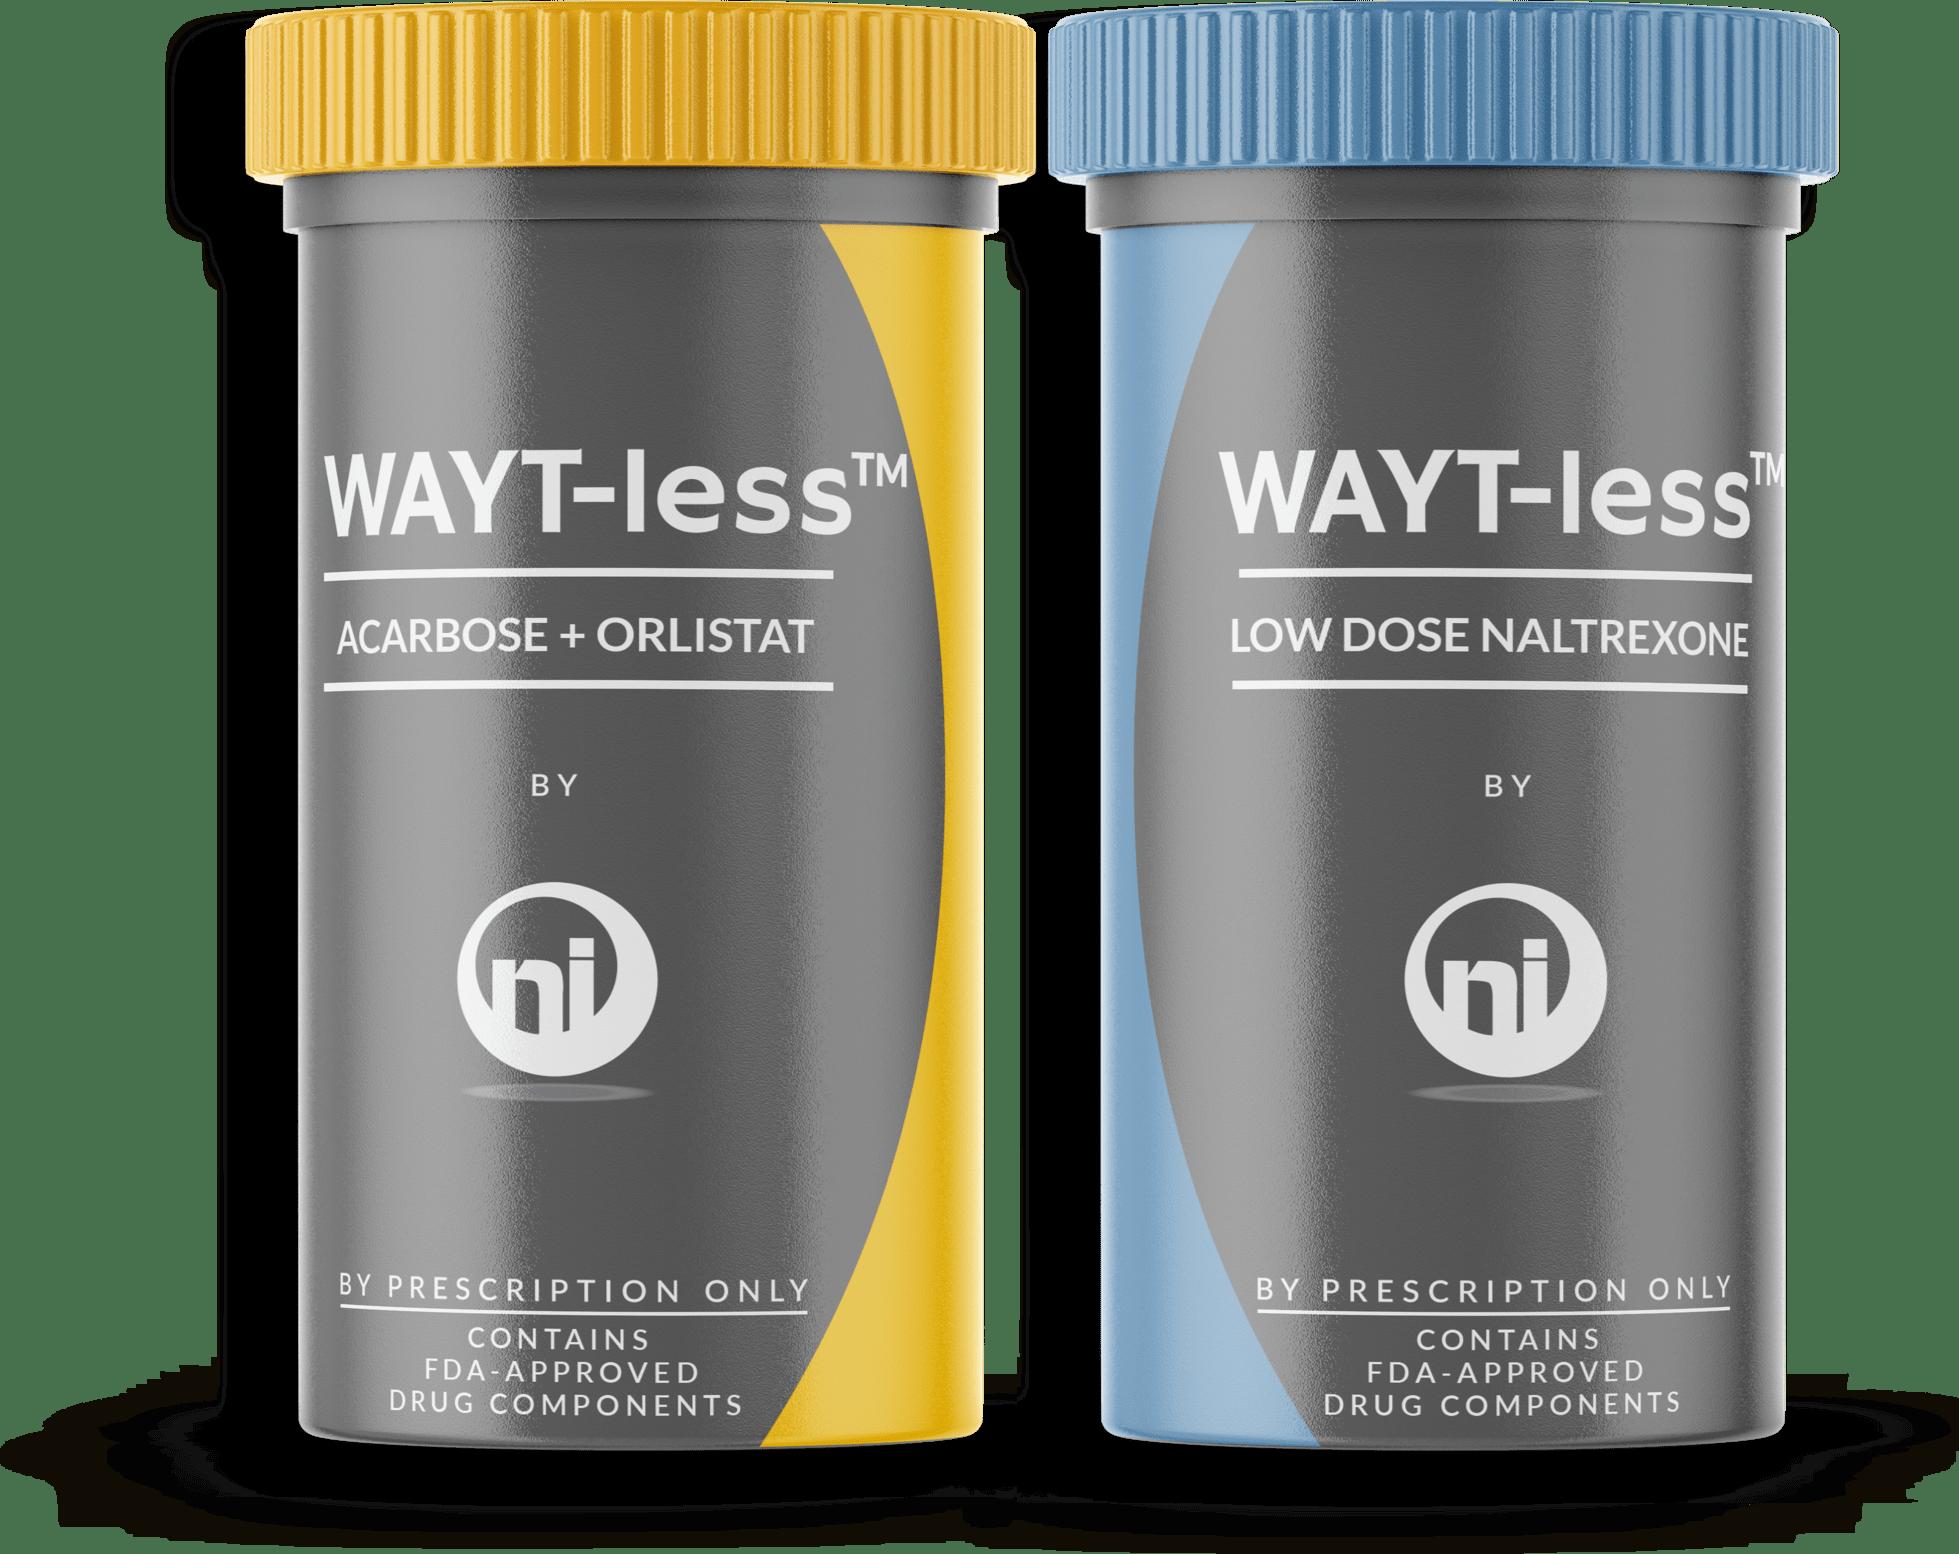 WAYT-less3-in-1 Acarbose,Orlistat,Naltrexone –hm5